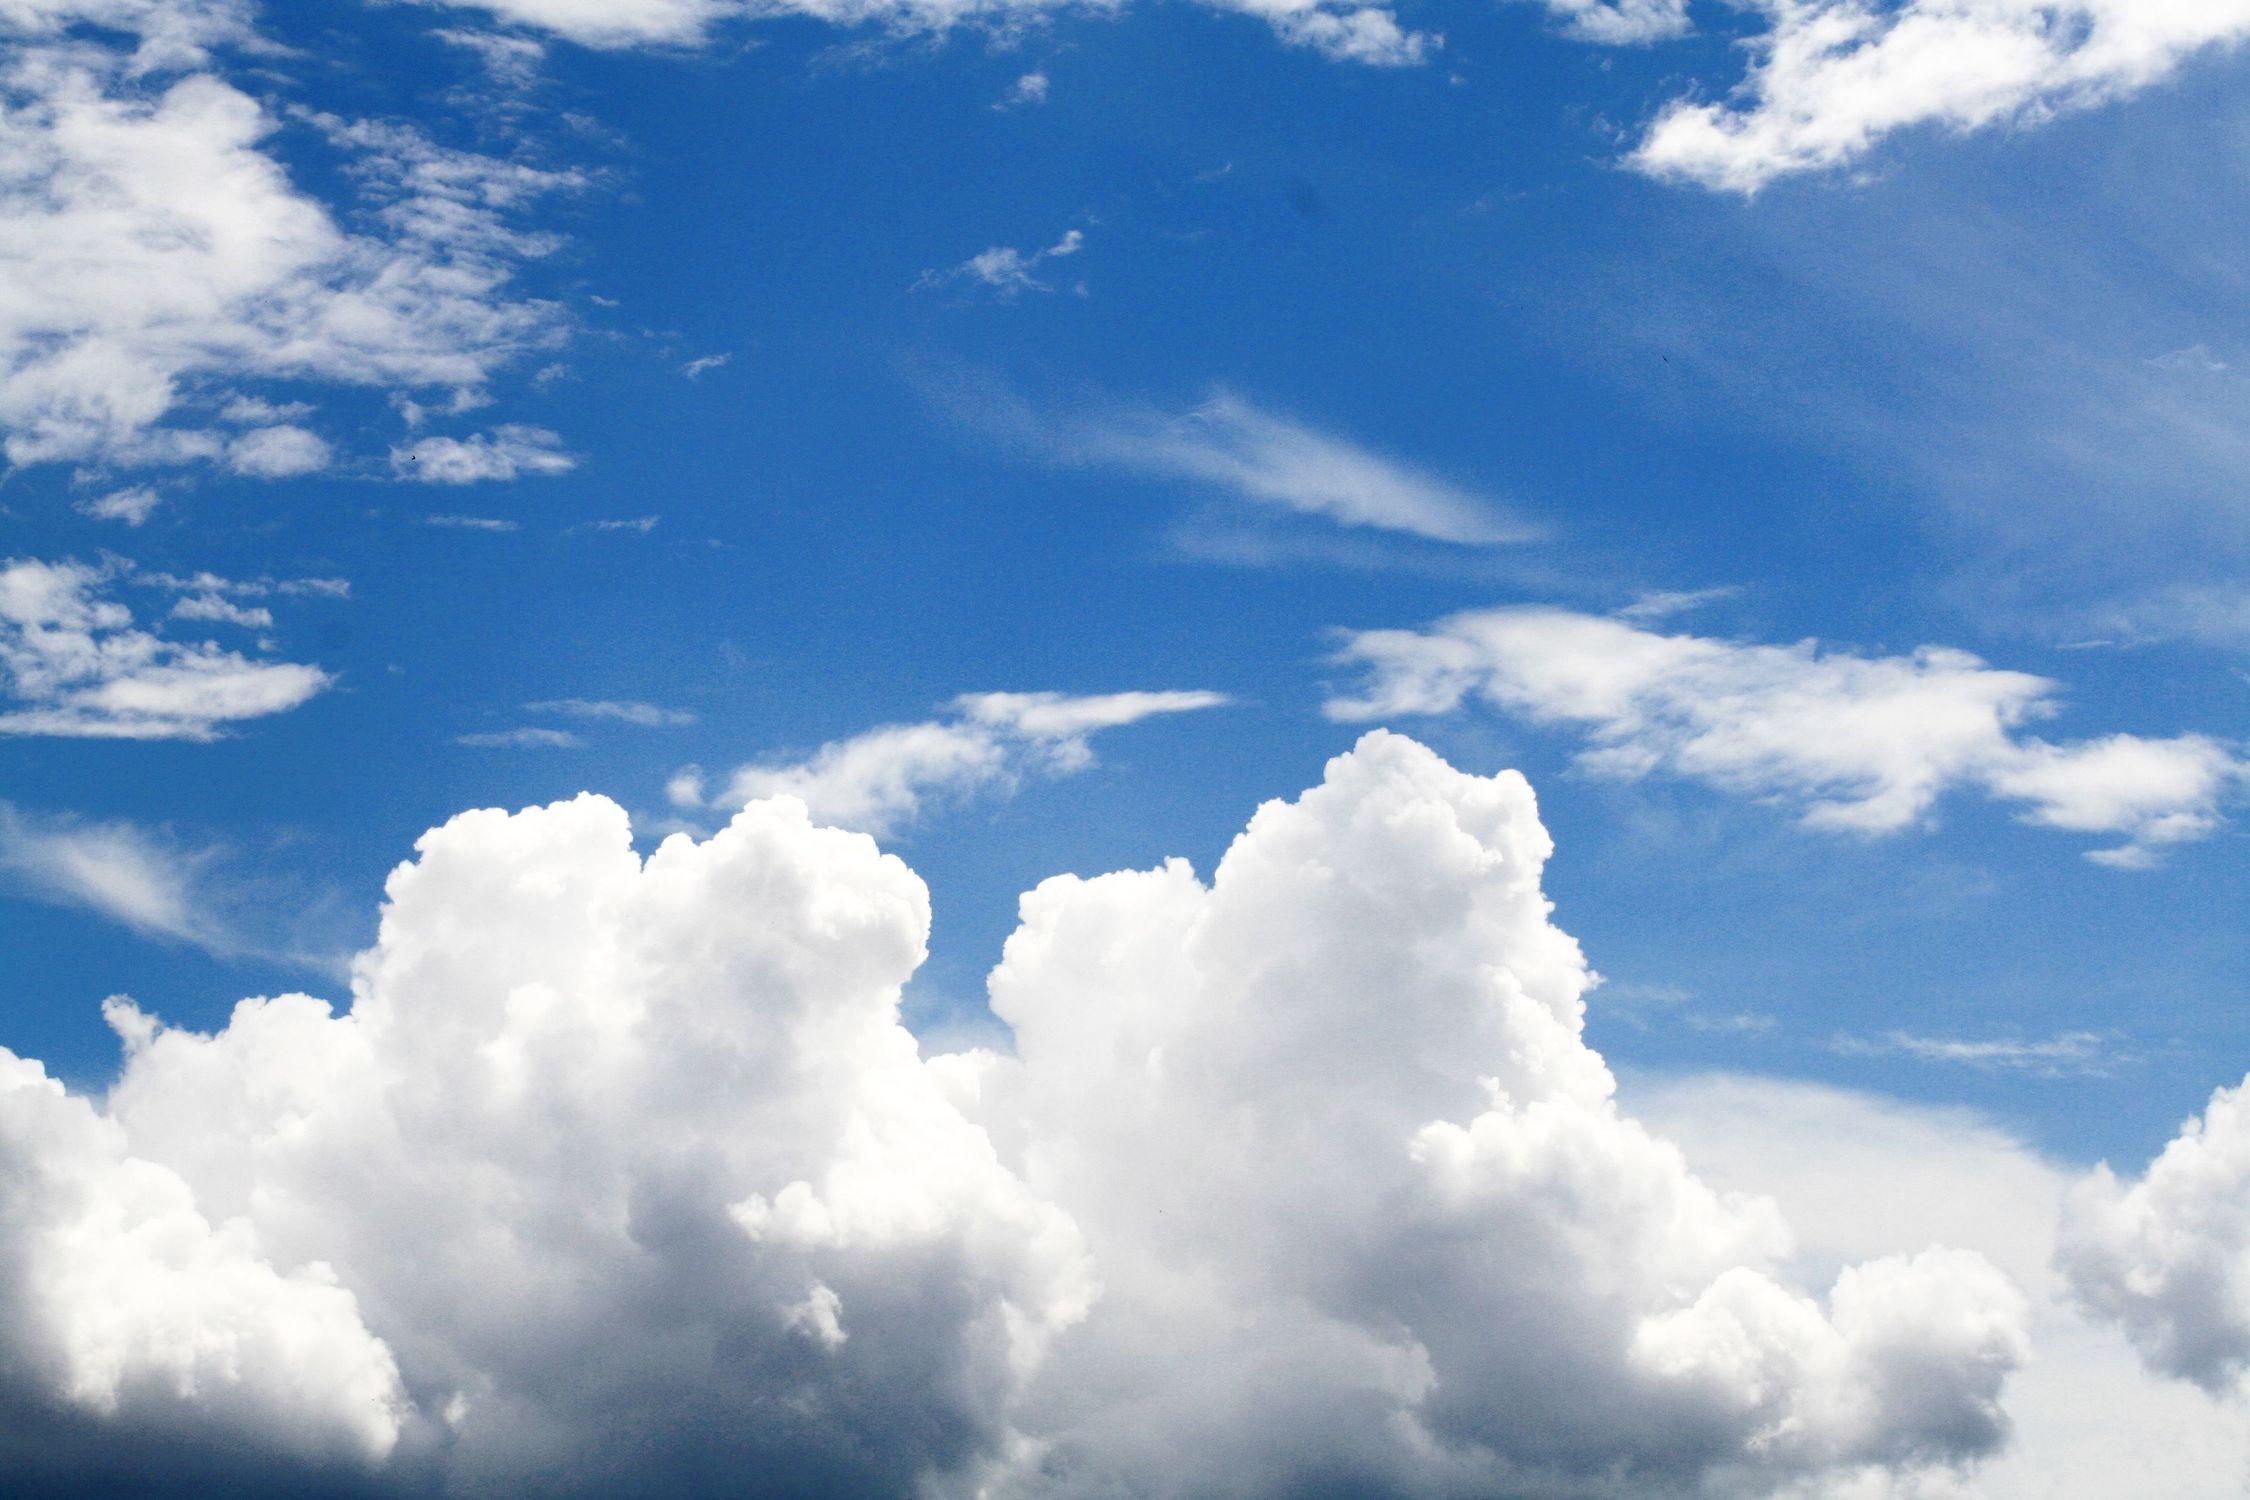 Bild mit Farben, Natur, Himmel, Wolken, Sonnenuntergang, Tageslicht, Blau, Azurblau, Sonnenaufgang, Wolkenhimmel, Sunset, Wolkengebilde, Sky, Wolken am Himmel, Himmel Panorama, Wolkenhimmel Panorama, Weitblick, Wolken Himmel, Hintergrund, cloud, clouds, Sonnen Himmel, Sonnenschein